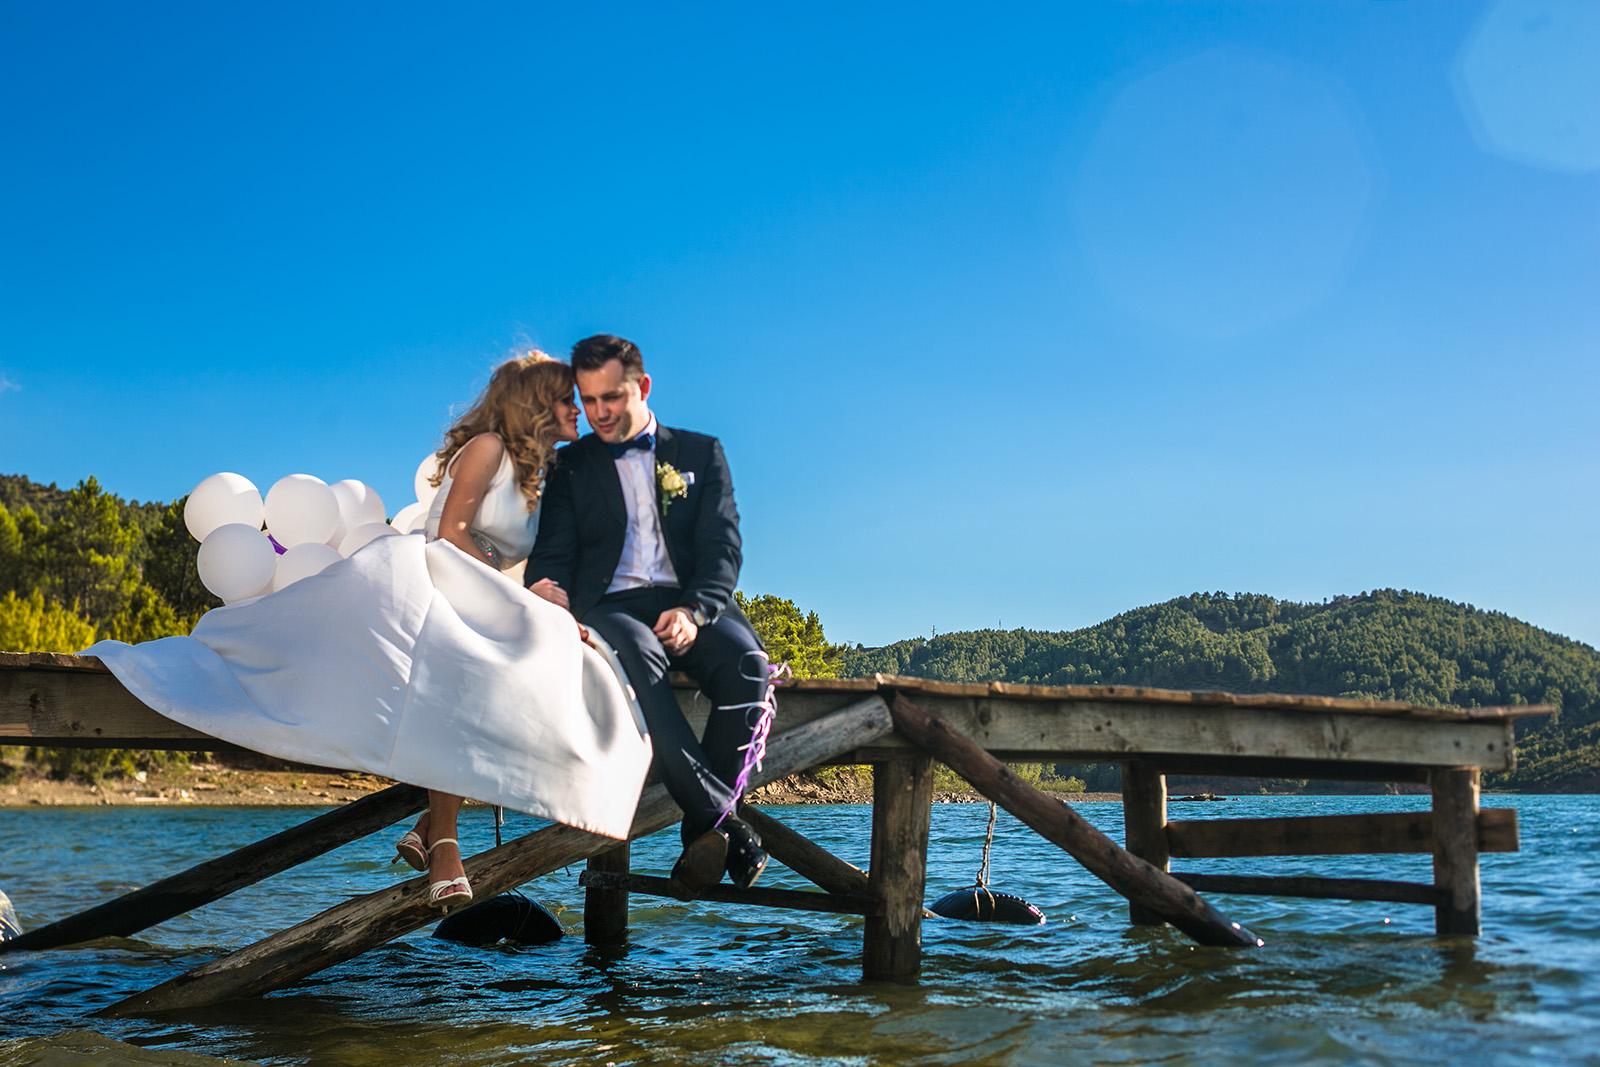 Edona & Genc Wedding Day 2 -31.jpg